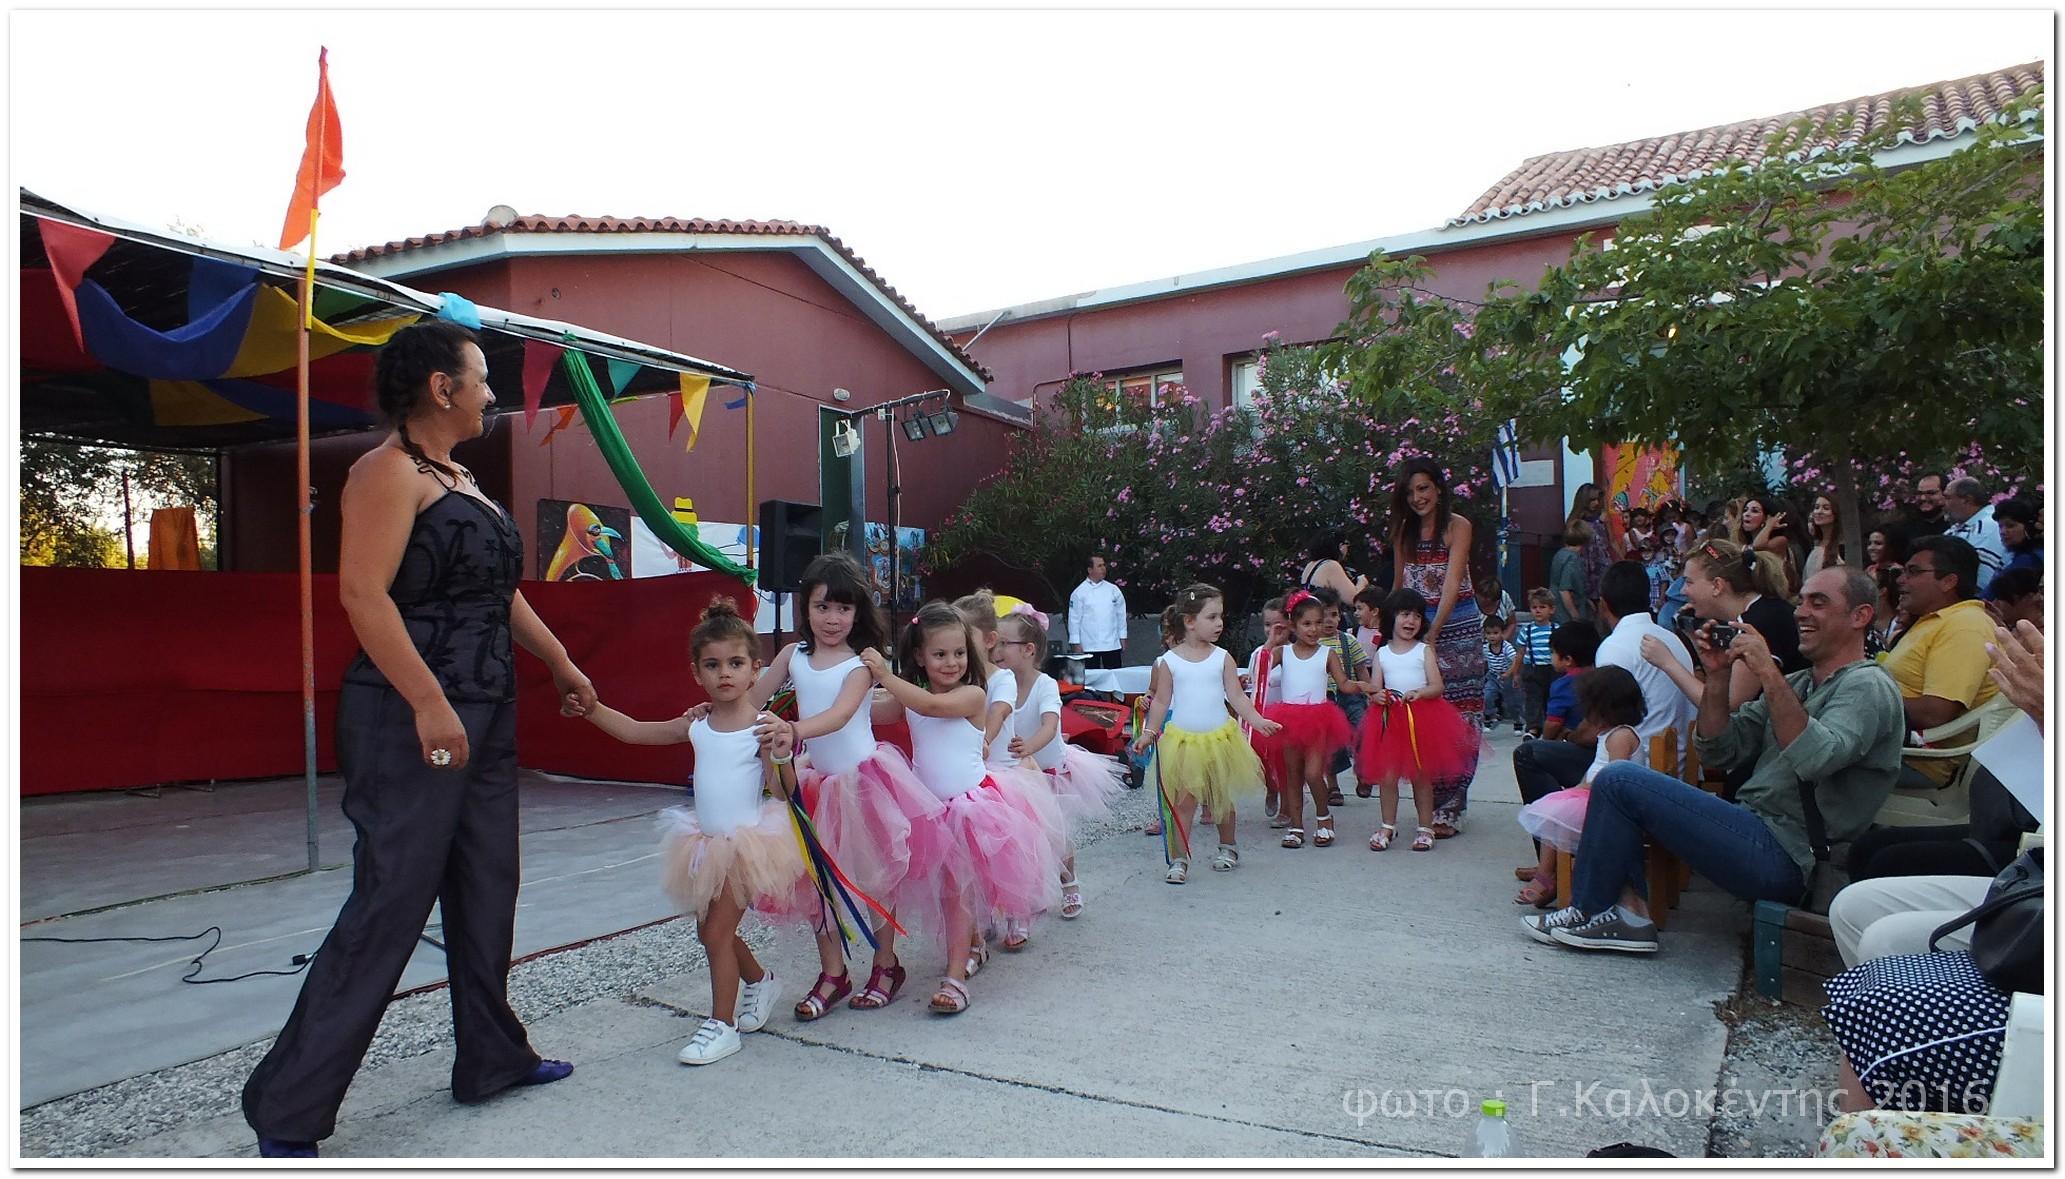 Εκδήλωση Δημοτικού παιδικού σταθμού Αίγινας . 8/7/2016